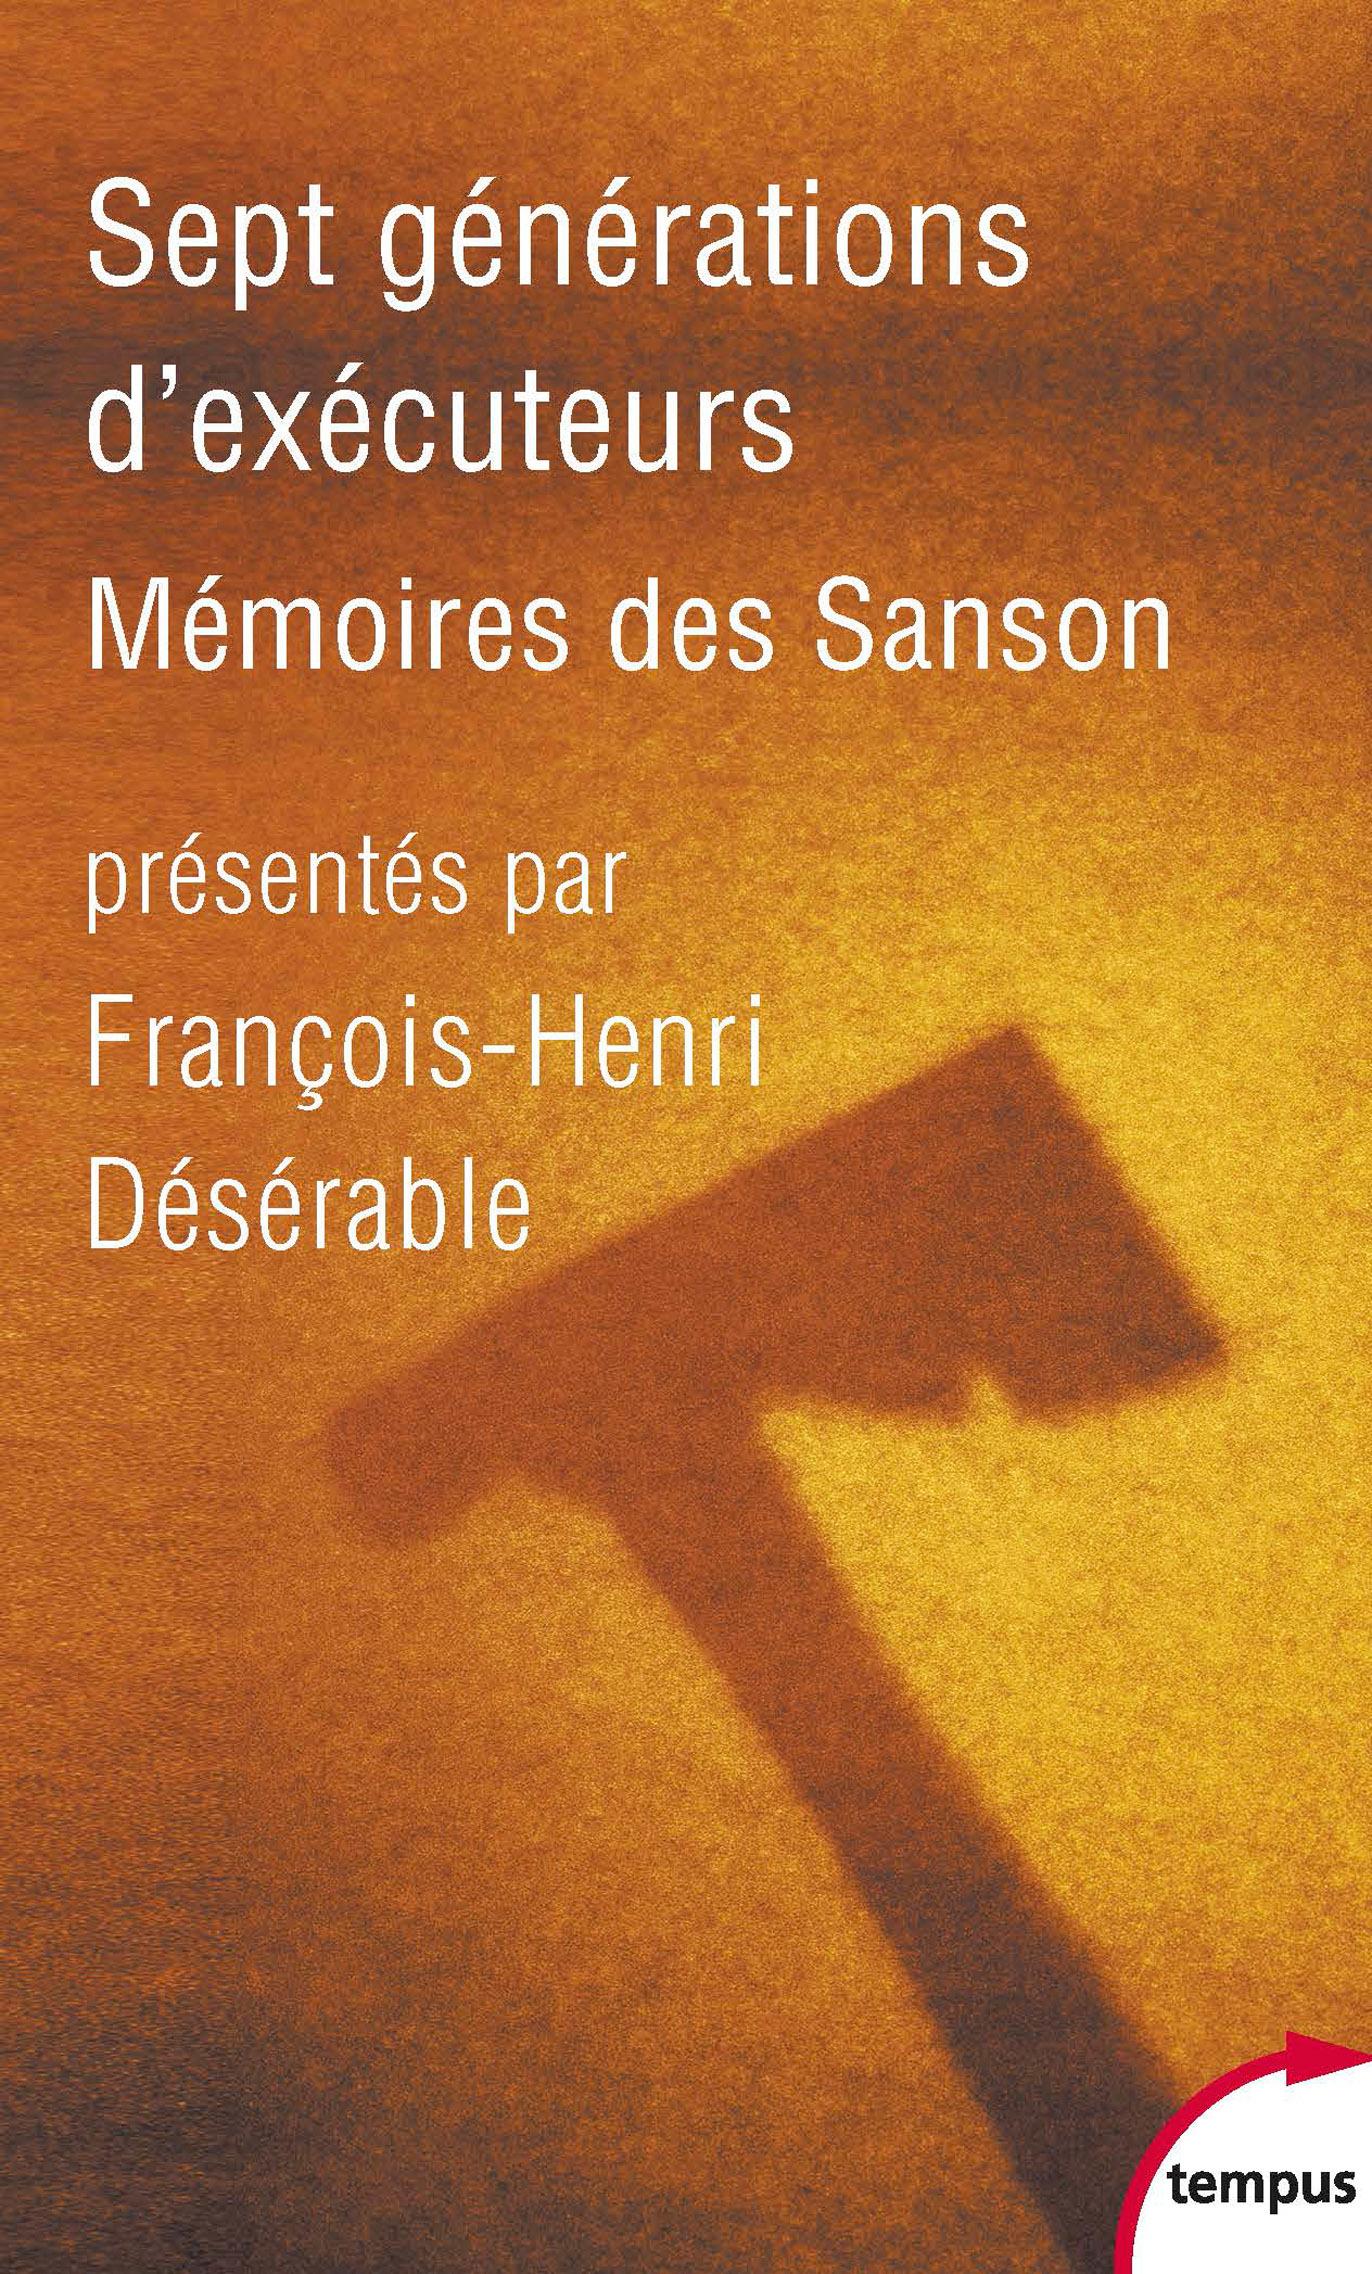 Sept générations dexécuteurs - Mémoires des Sanson François-Henri Désérable